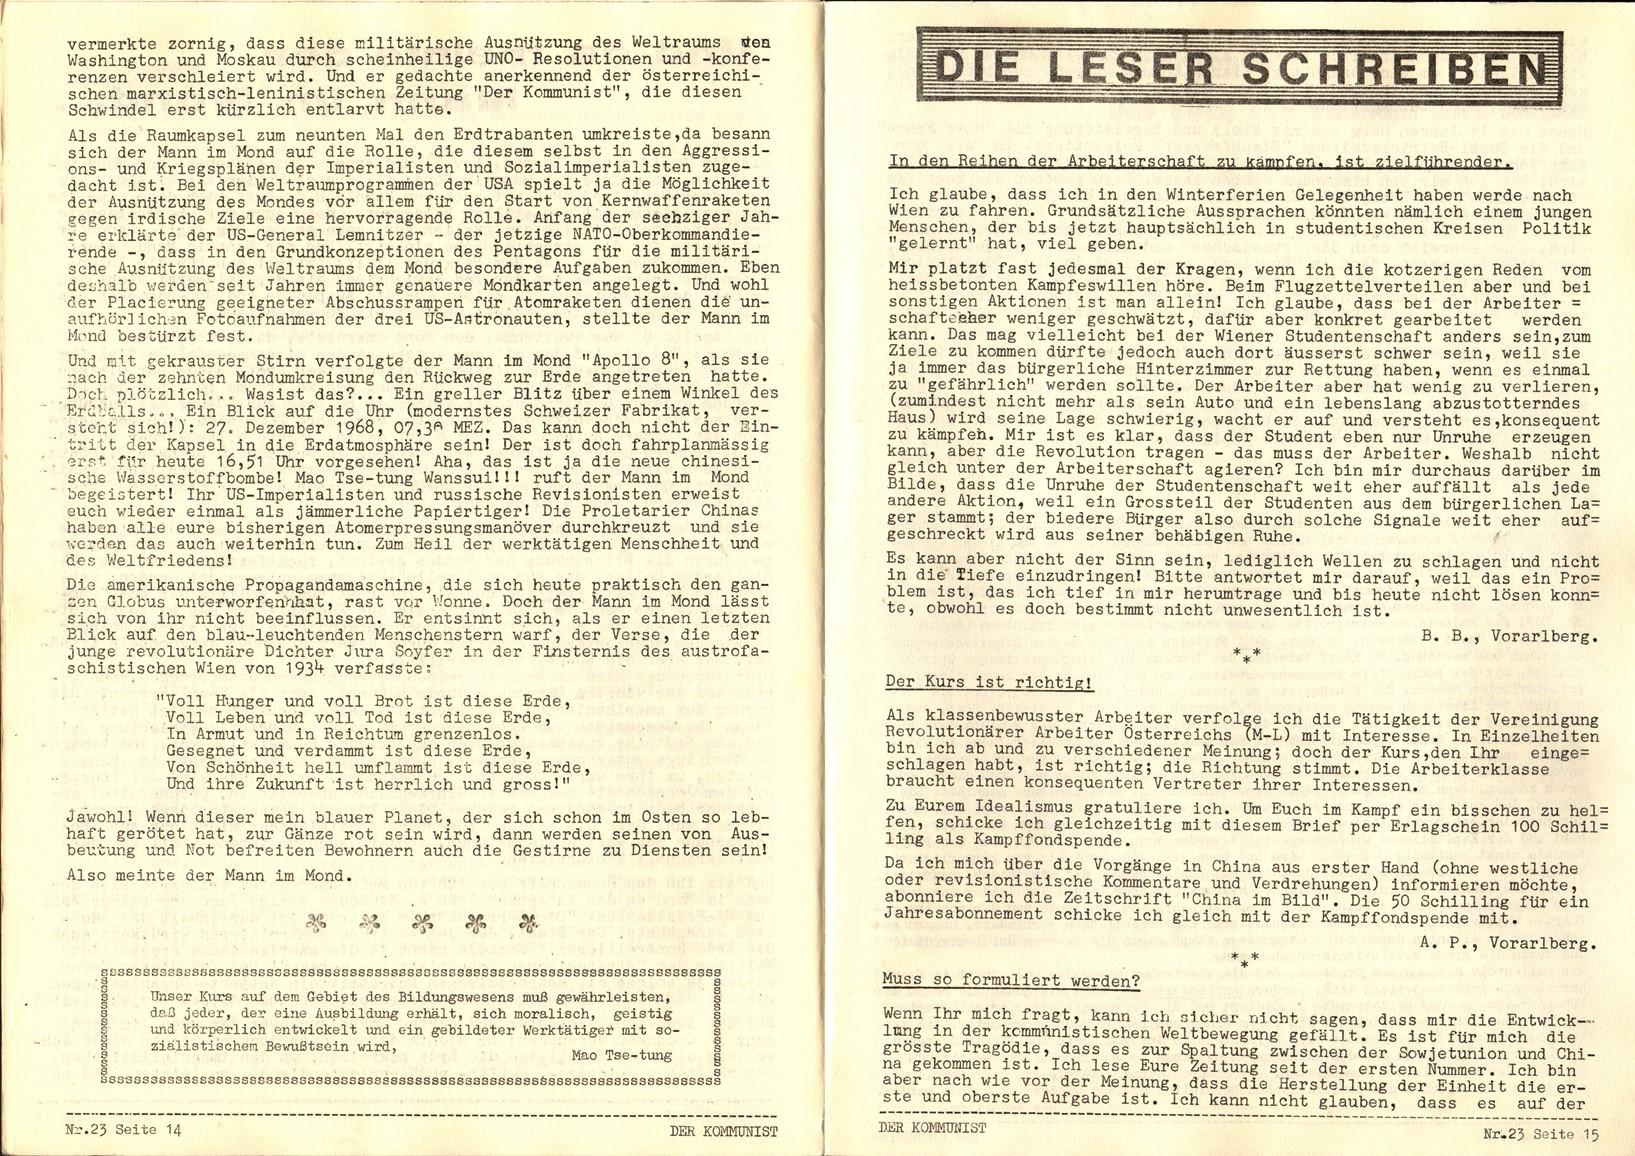 VRA_Der_Kommunist_19690100_08